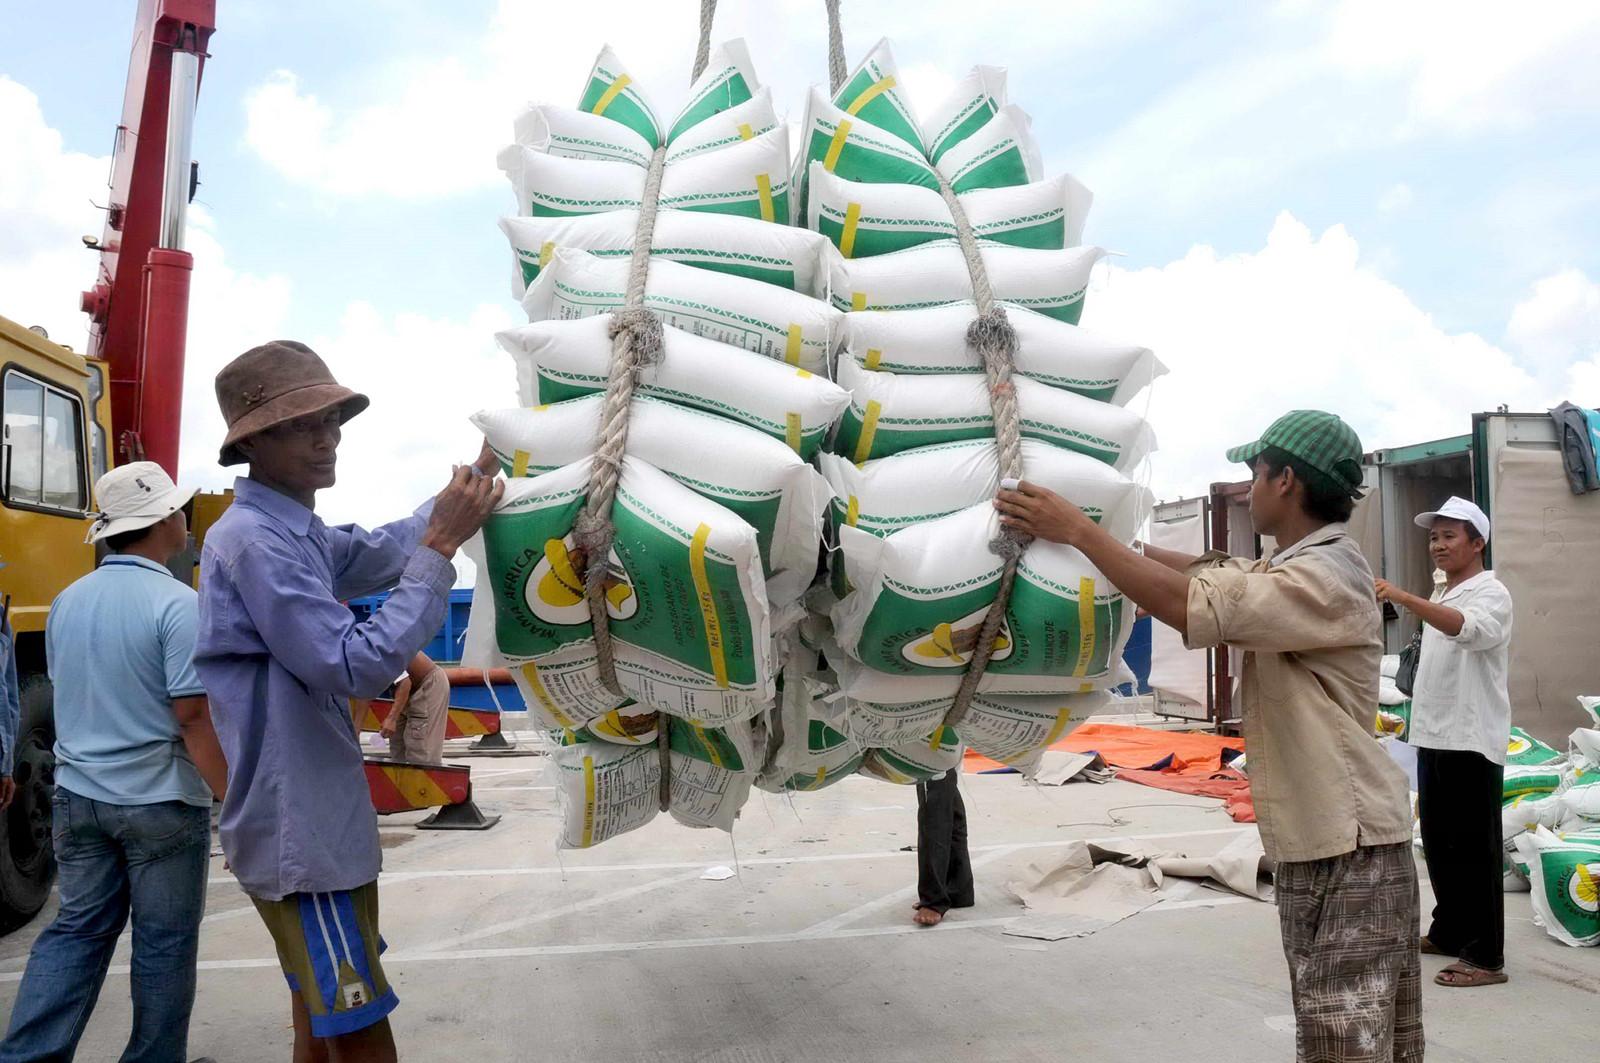 Vụ giấy phép xuất khẩu gạo 20.000 USD là 'không đúng sự thật'. Ảnh minh họa